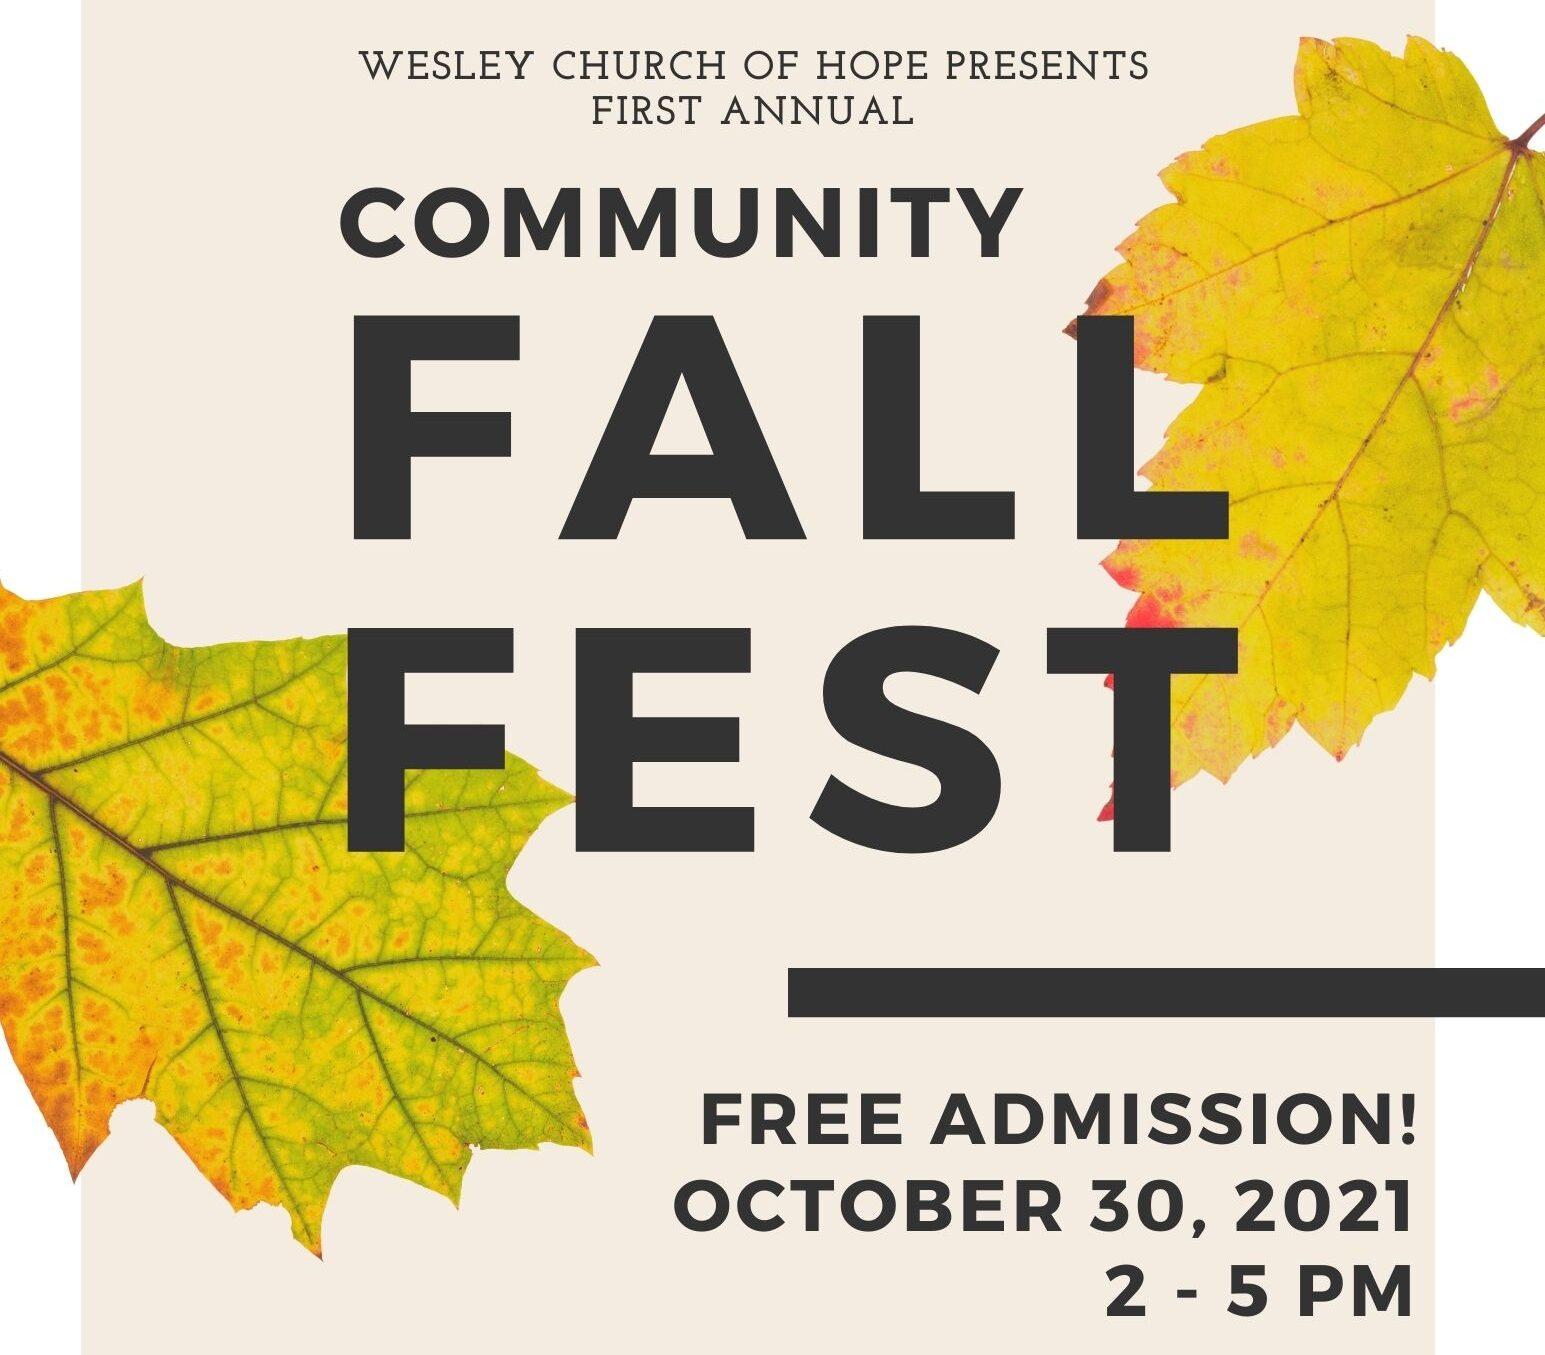 Community Fall Fest 2021